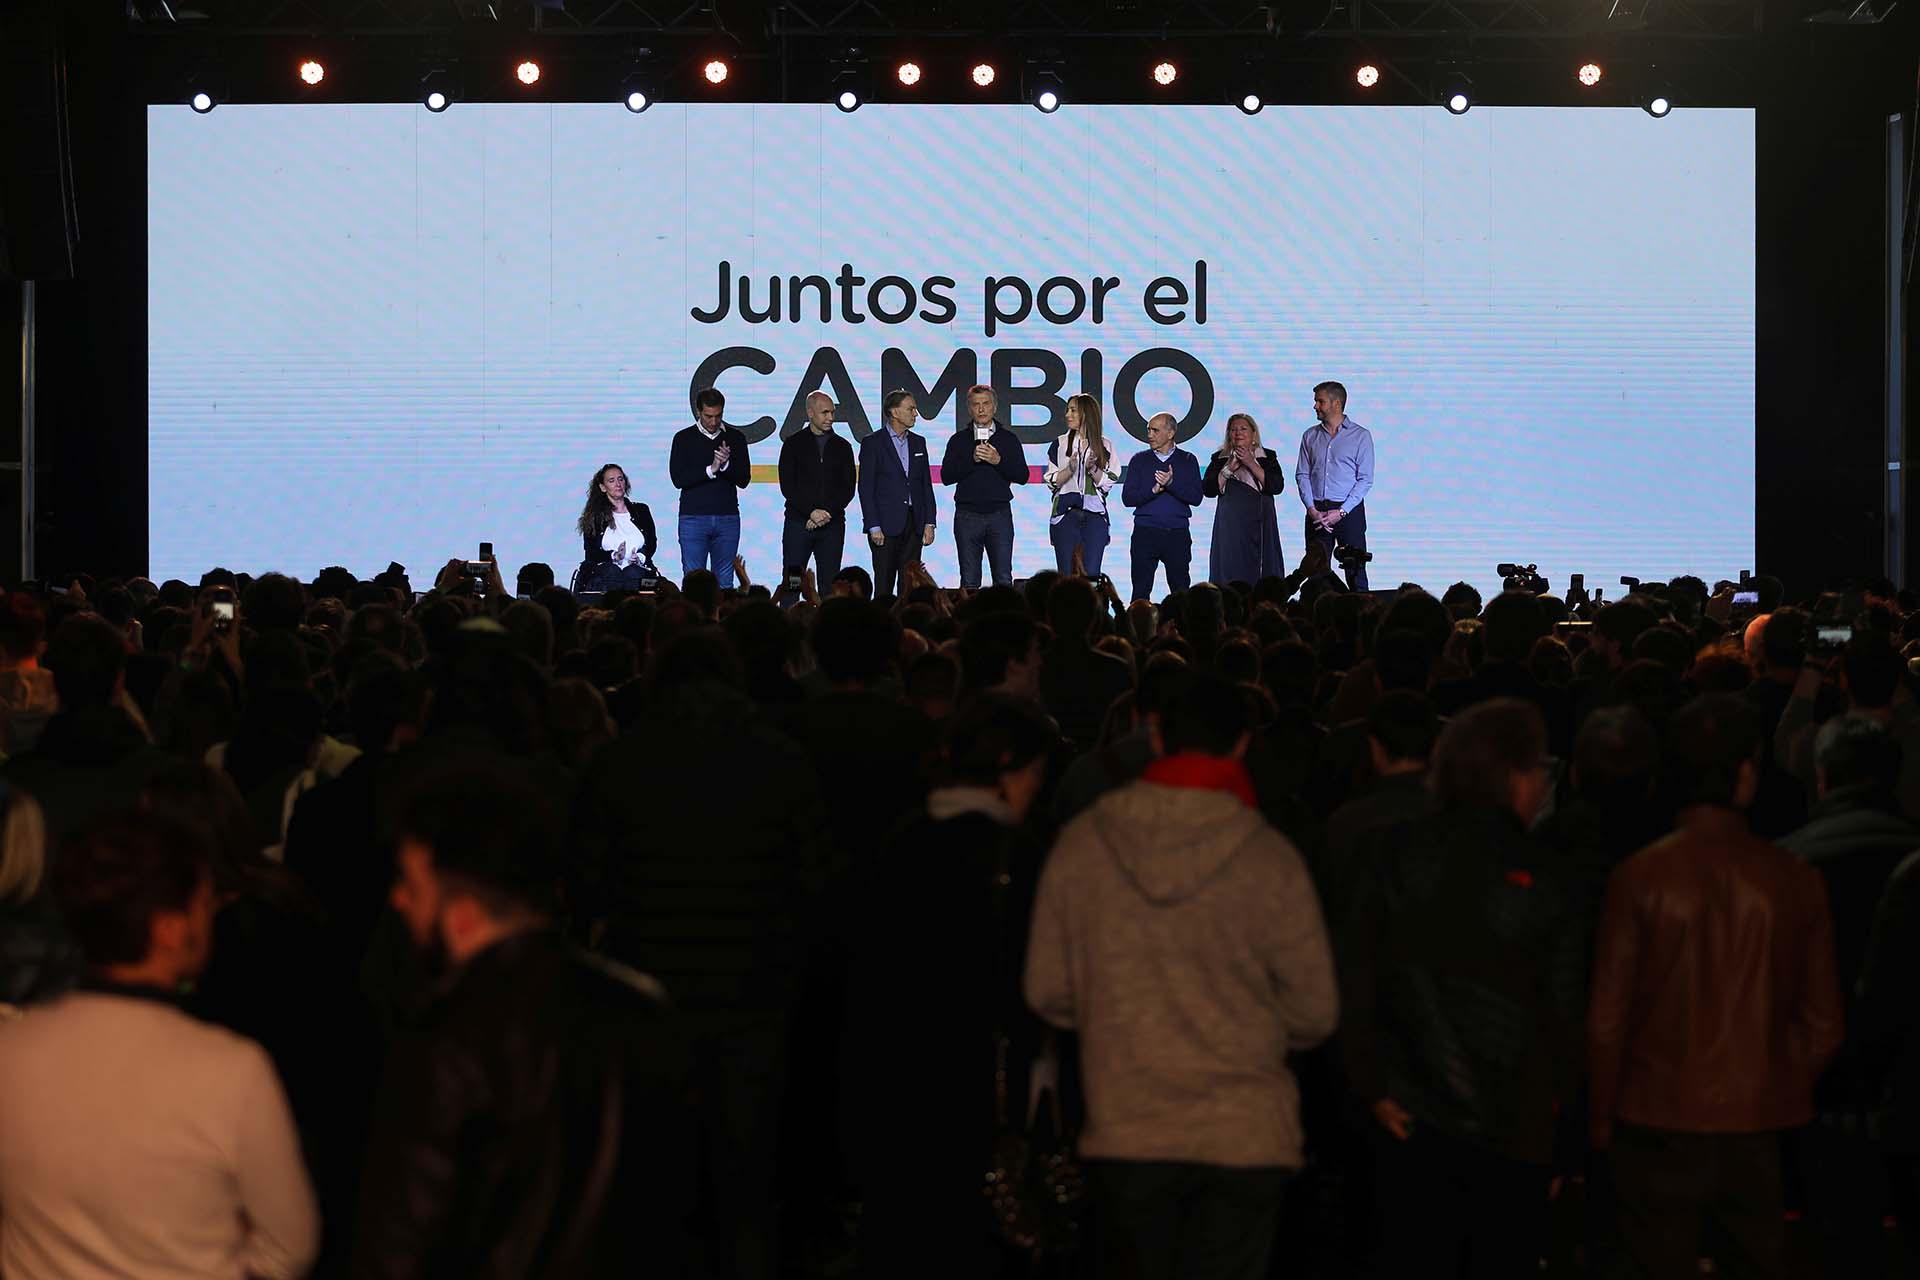 Esta vez, en el búnker de Juntos por el Cambio no hubo globos ni música para bailar (REUTERS/Luisa González)